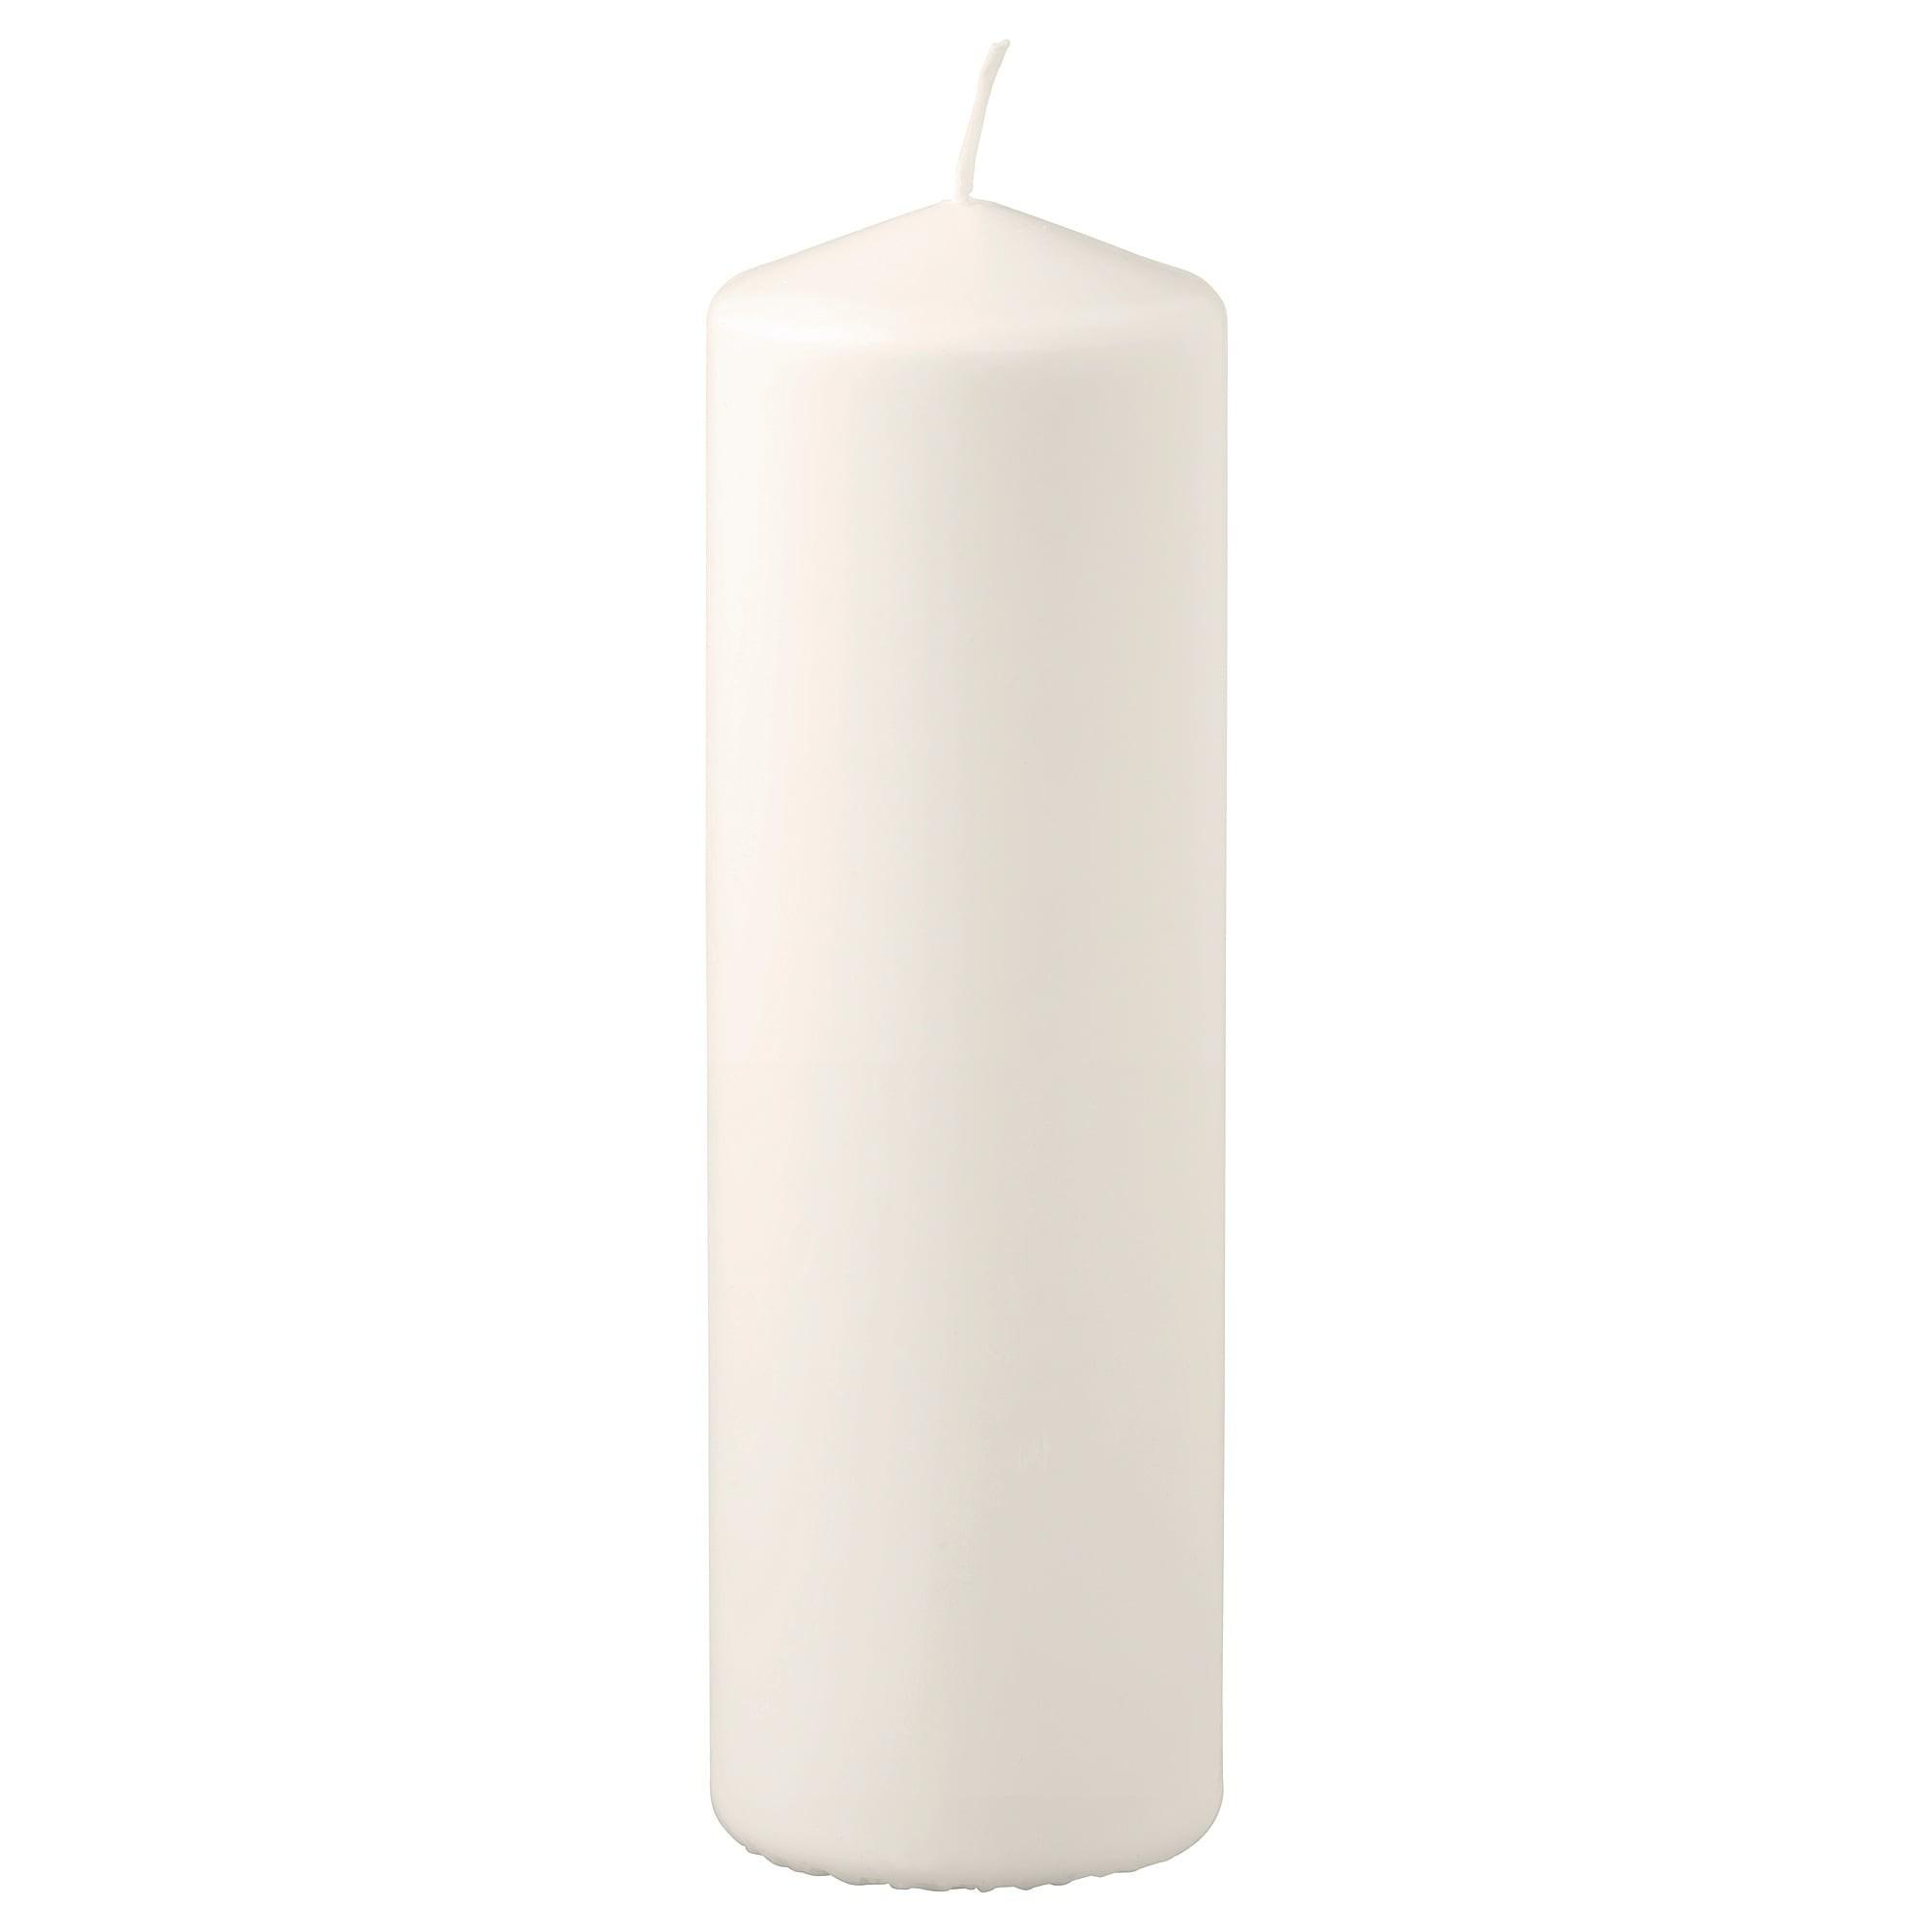 ФЕНОМЕН Неароматич свеча формовая естественный